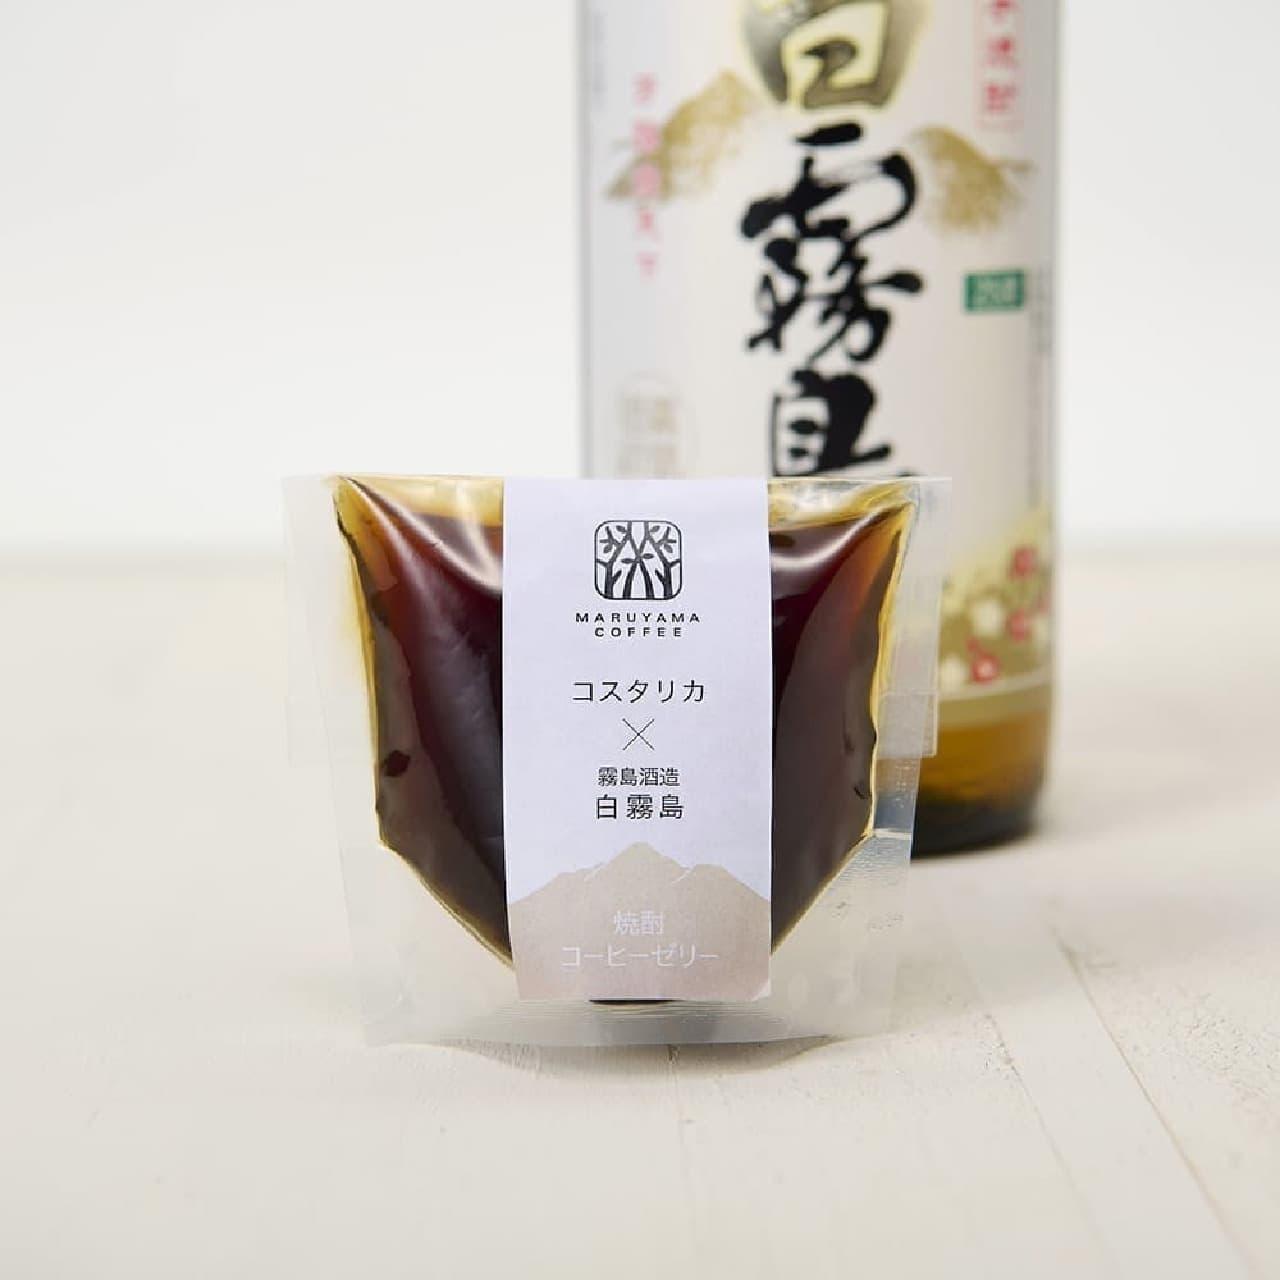 丸山珈琲 x 霧島酒造 焼酎コーヒーゼリー